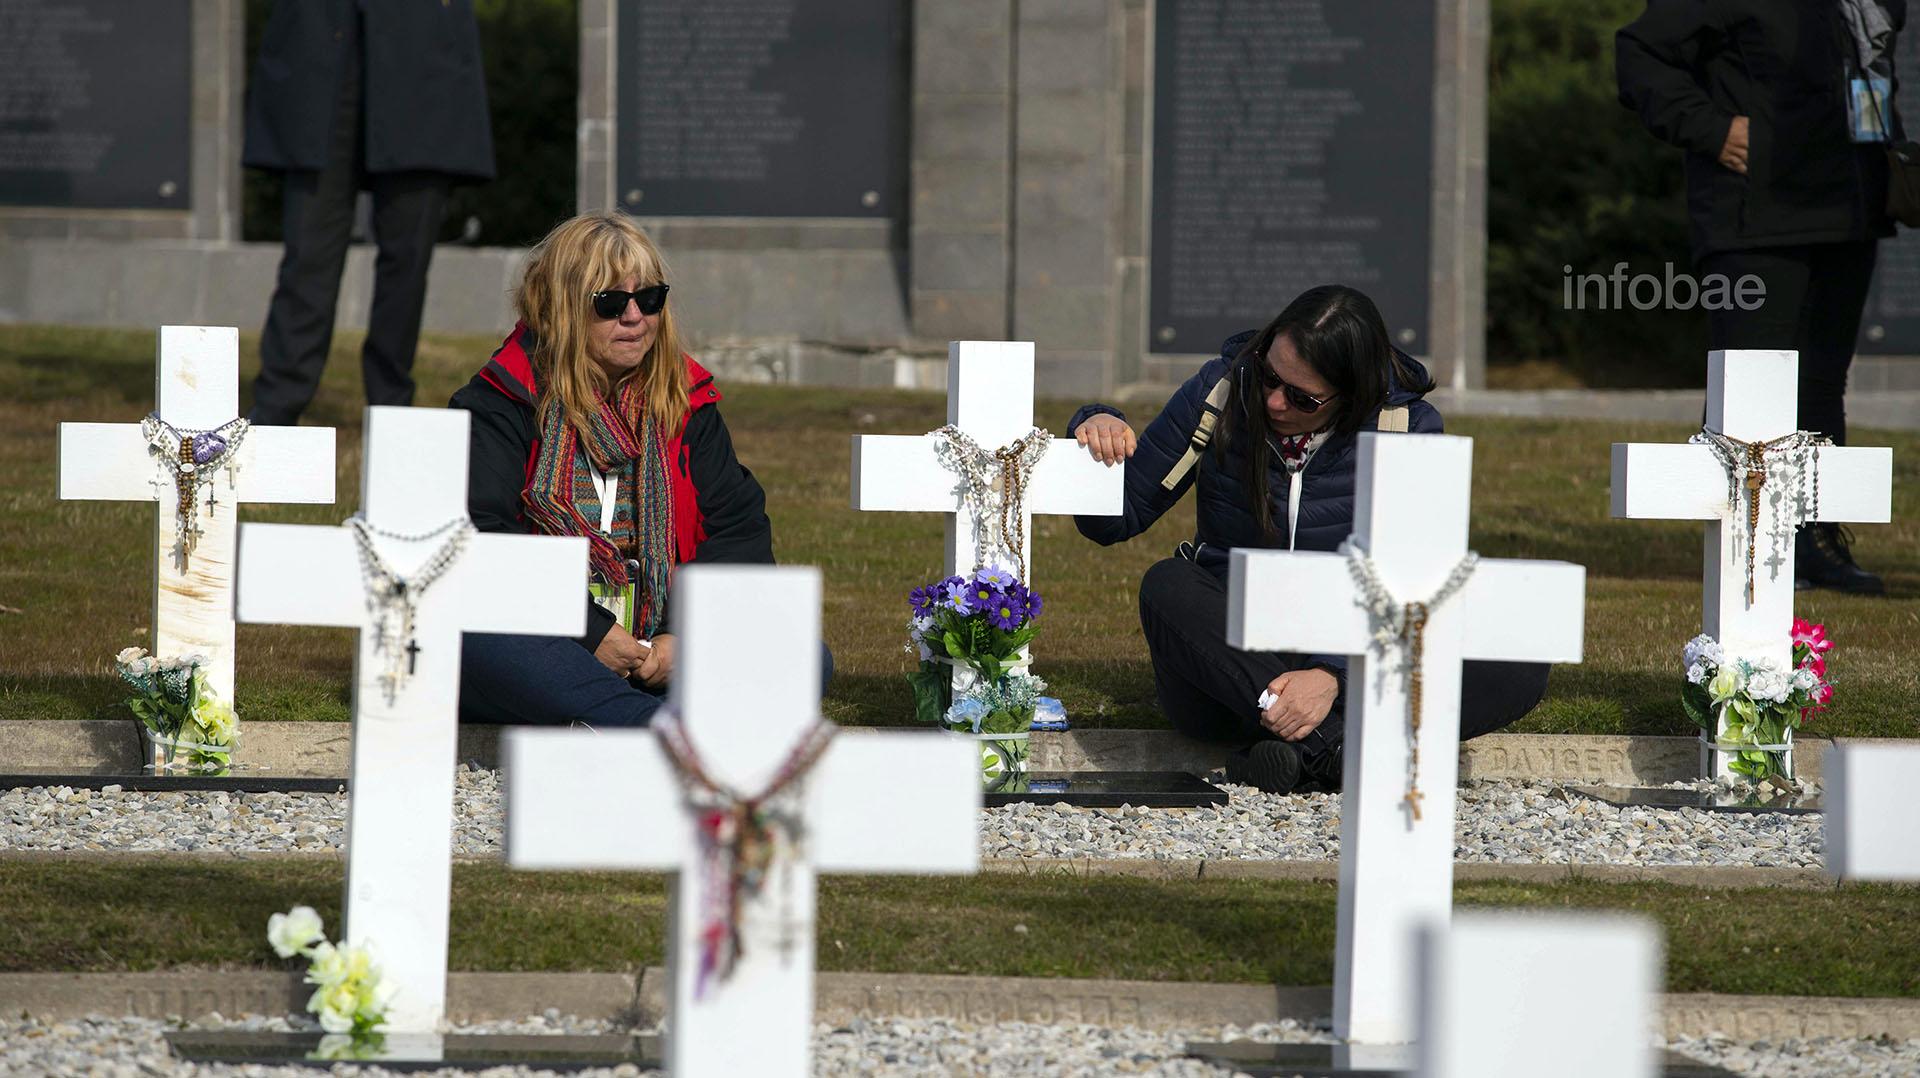 Mabel Godoy (izquierda) visitó la tumba de Víctor Rodríguez, quien fuera su novio al momento de acudir a Malvinas. Junto a ella se encuentra Nora Rodríguez, quien tenía 4 años la última vez que vioa su hermano